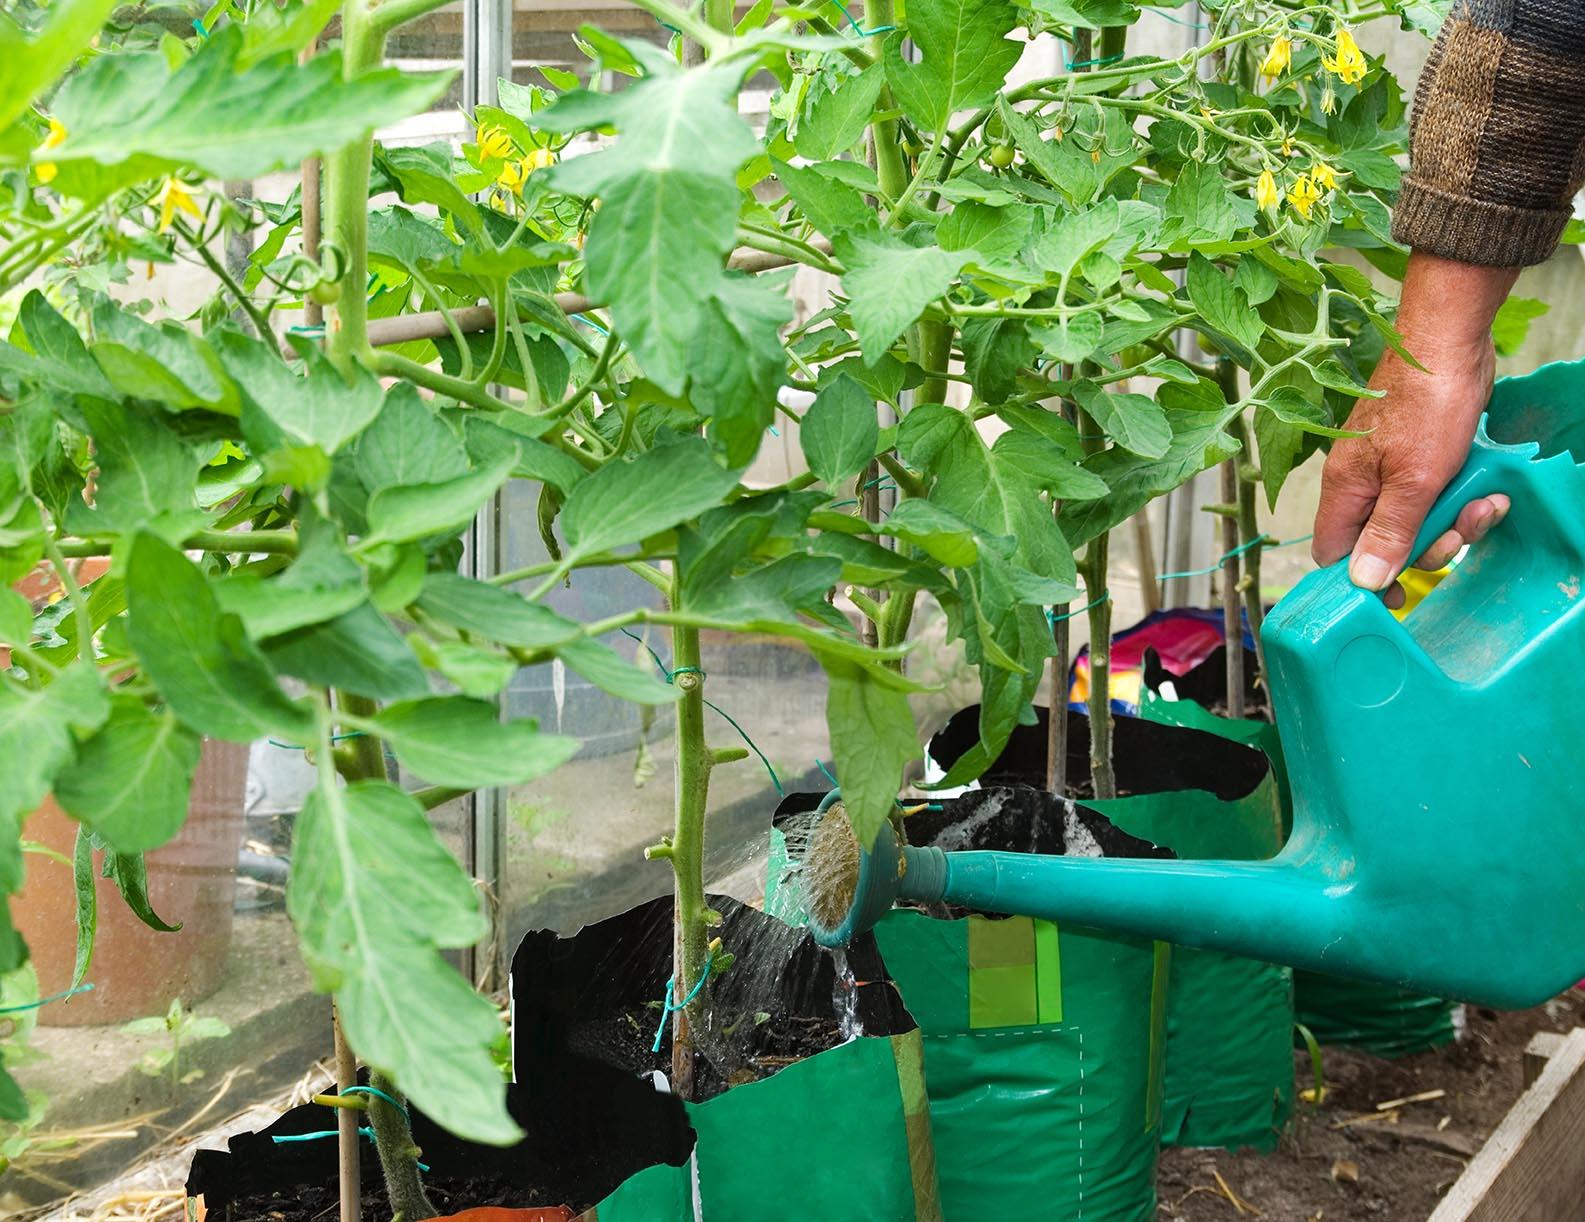 «Ленивые» подкормки для томатов и огурцов, проверенные временем